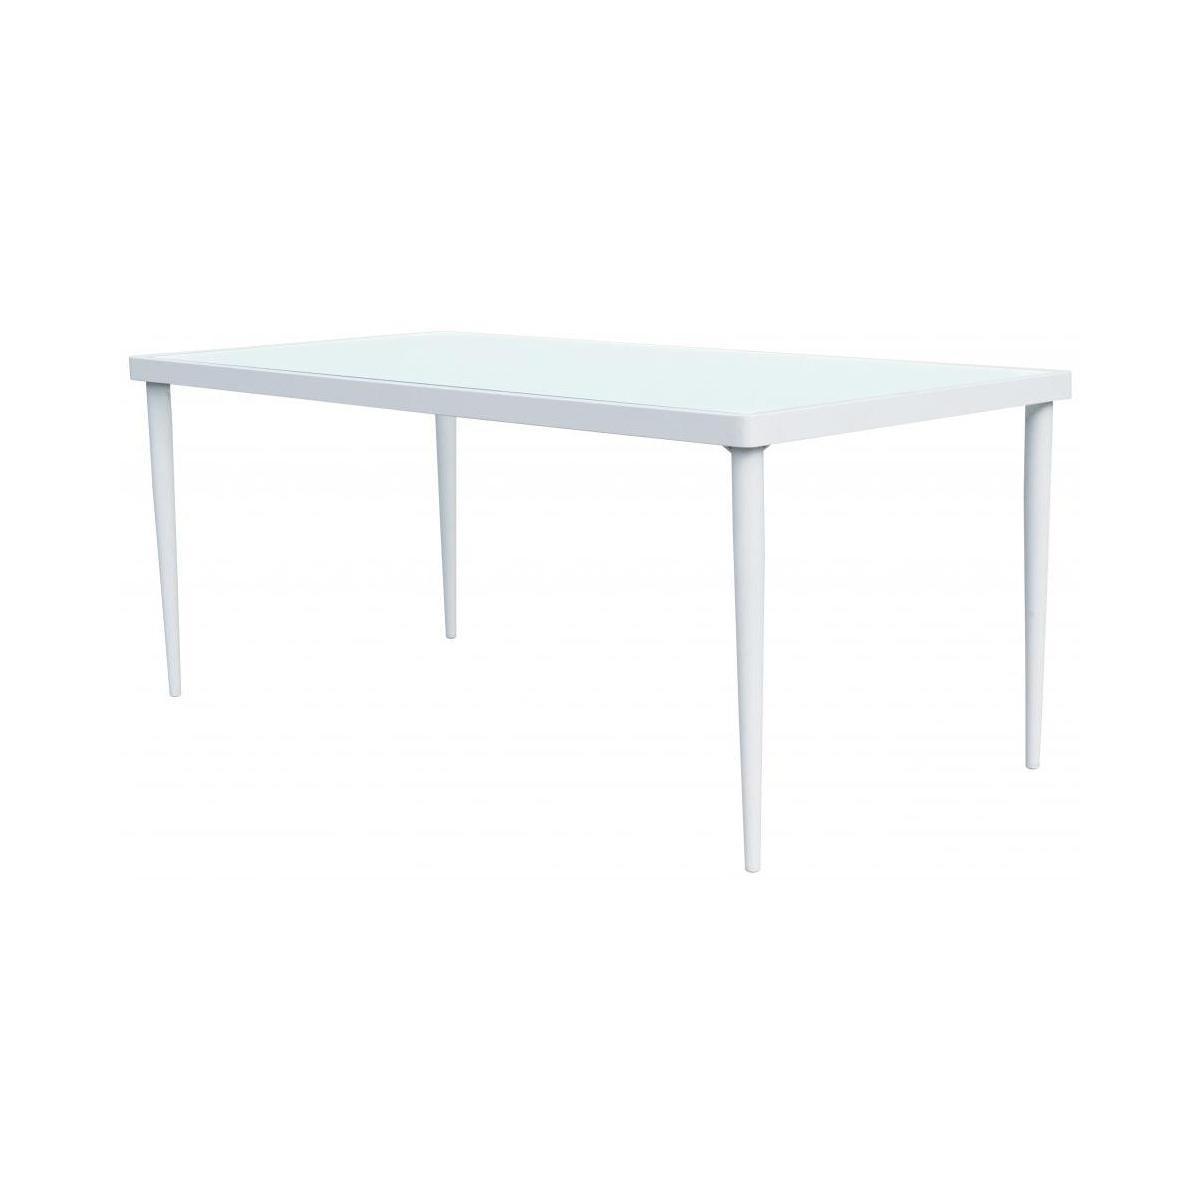 Table De Jardin En Aluminium Et Verre Trempé - Blanc à Table De Jardin Aluminium Et Verre